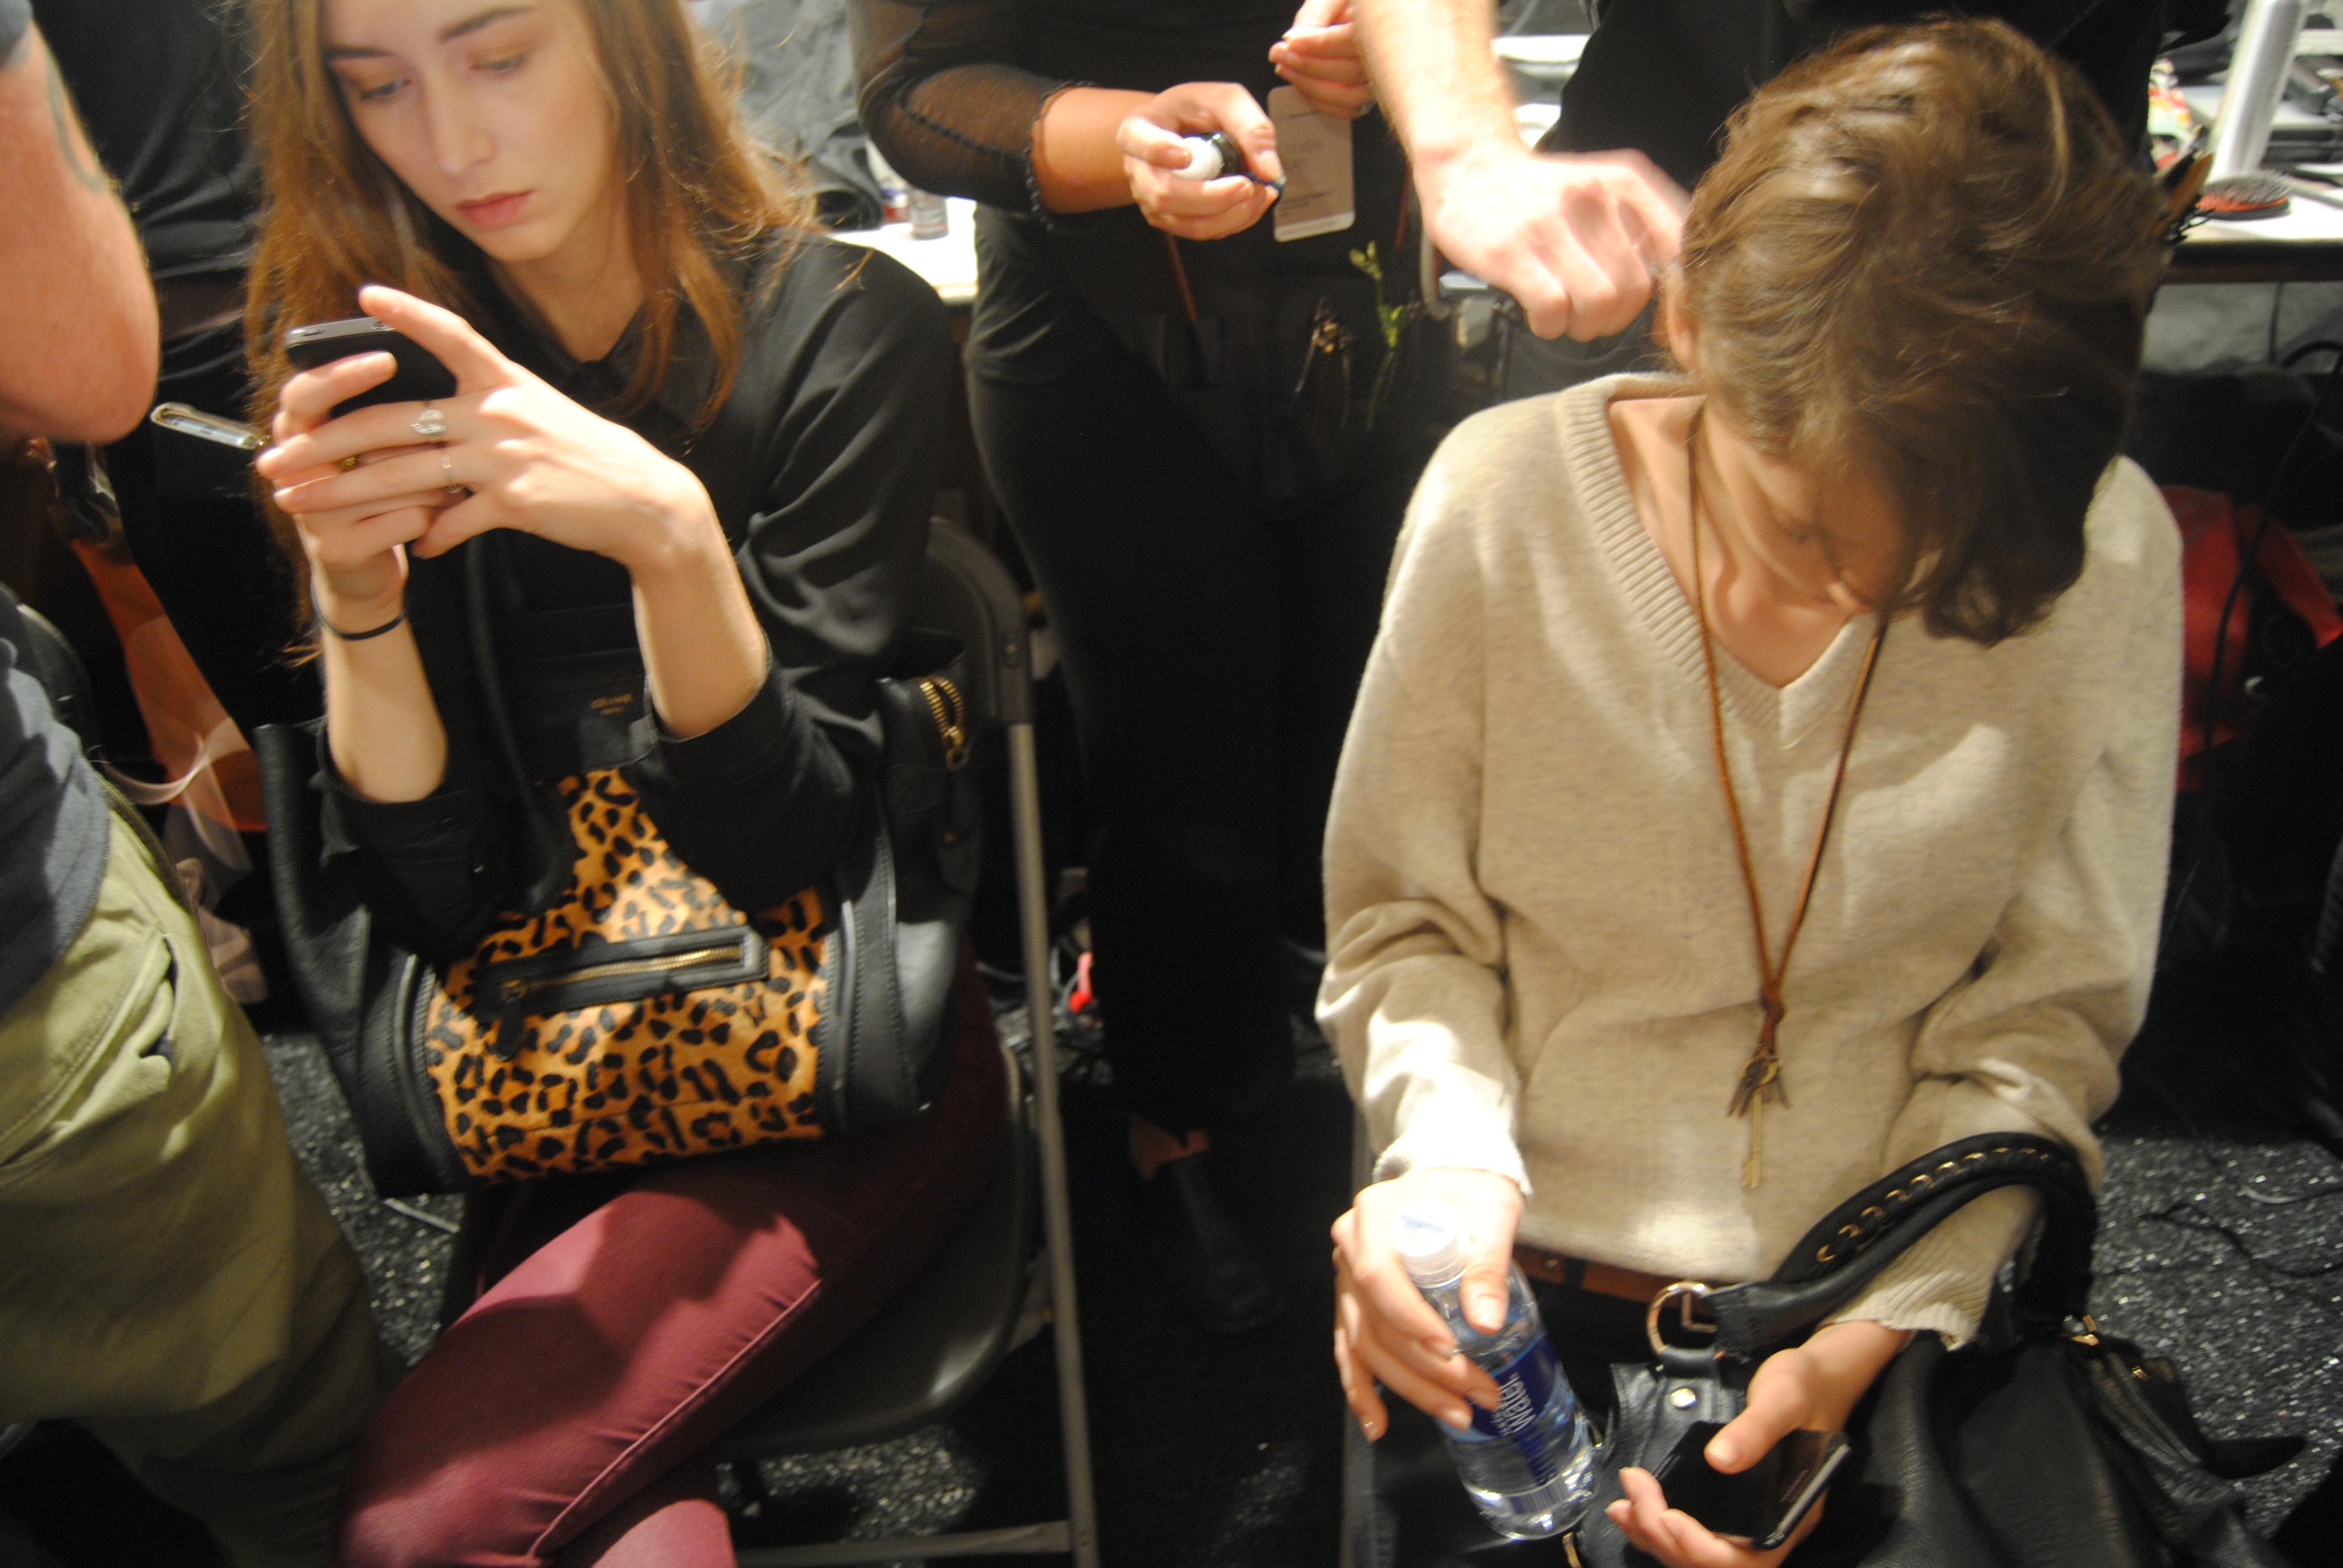 Model girls on their phones (Ko Im/DC on Heels)